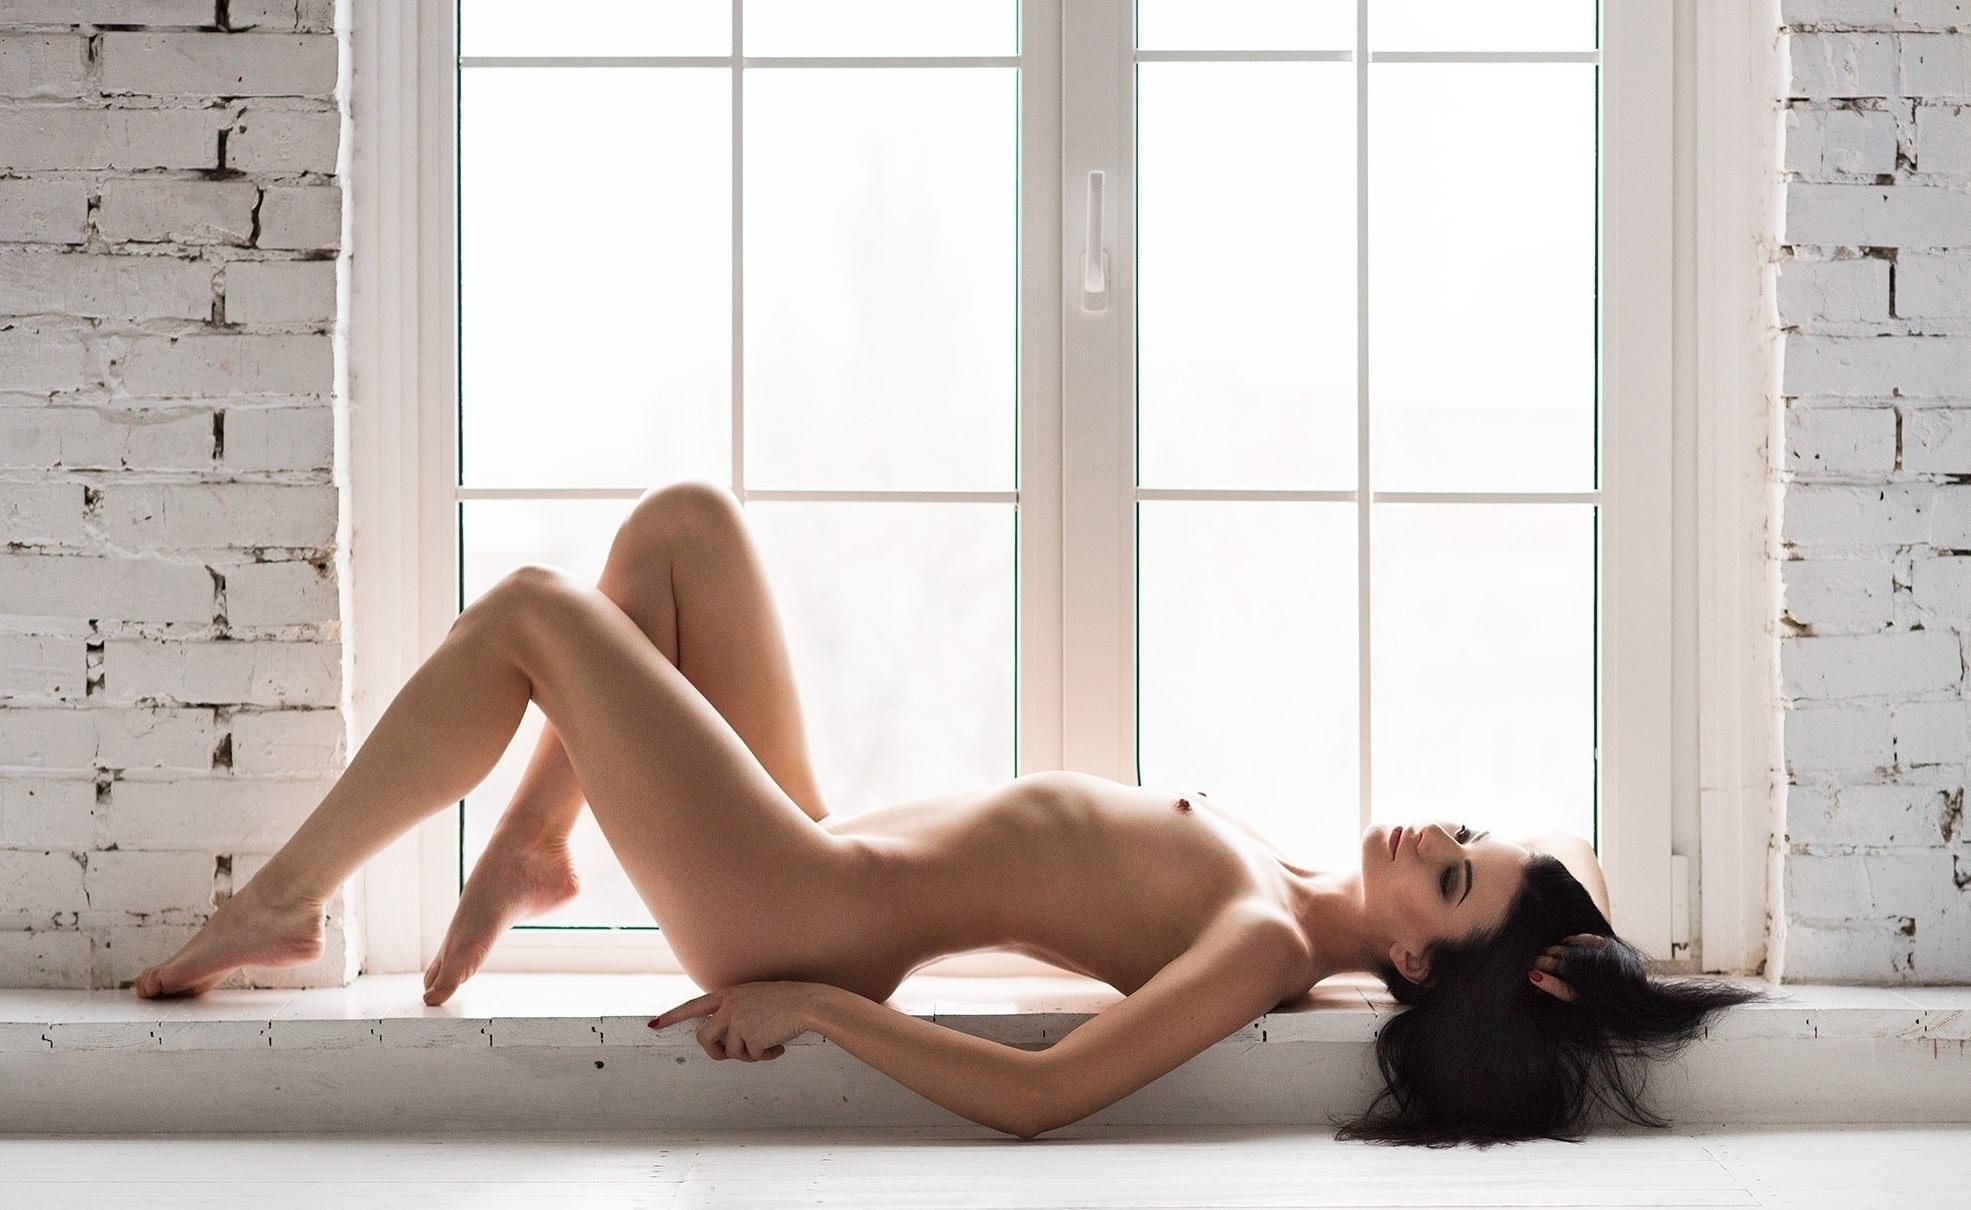 Фото Обнаженная девушка у окна, сексуальное красивое тело, твердые сосочки, скачать картинку бесплатно